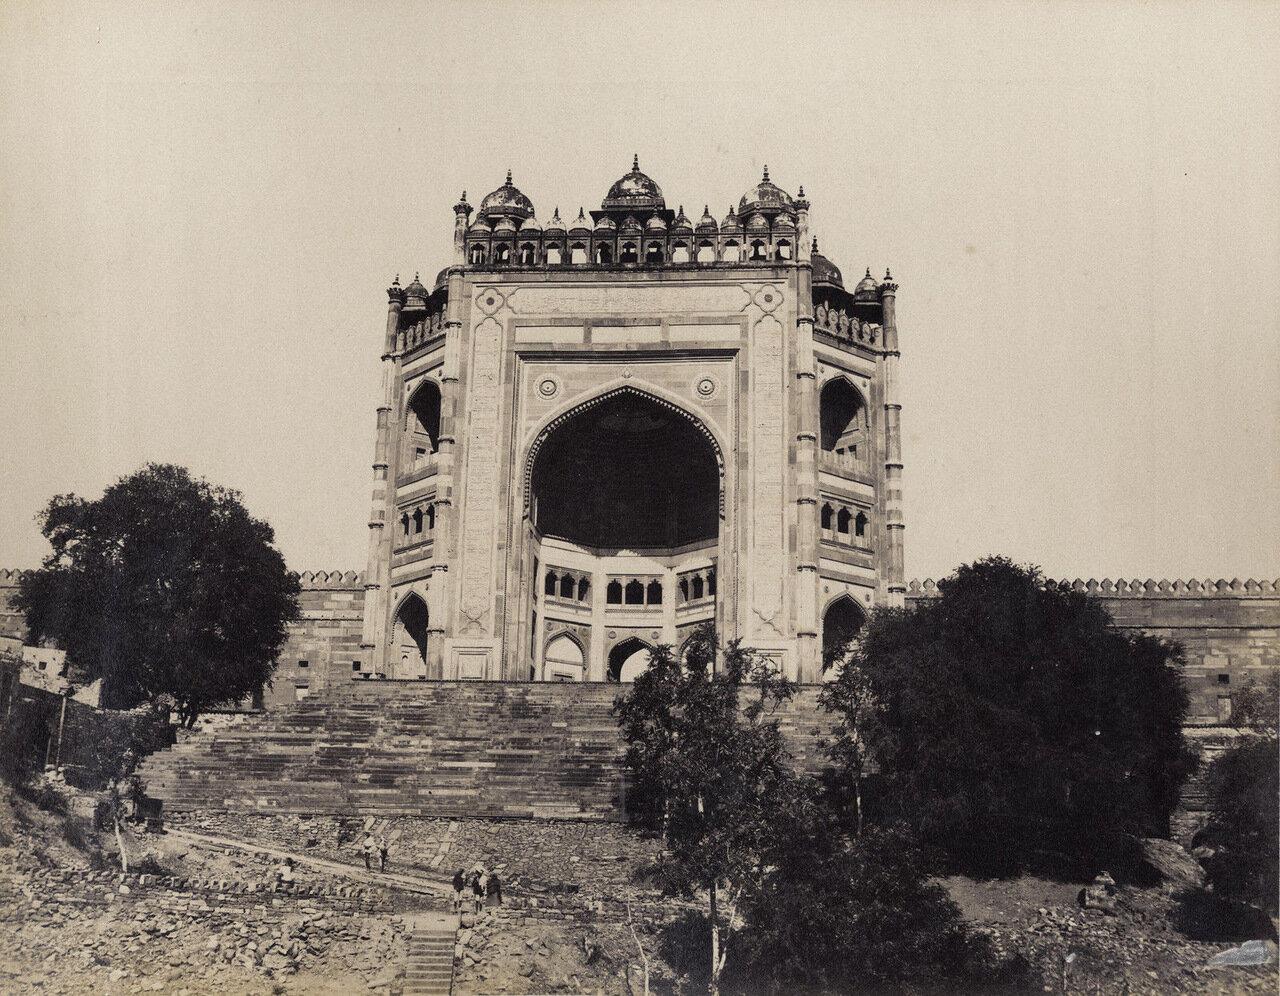 Фатехпур Сикри. Буланд-Дарваза. 1880